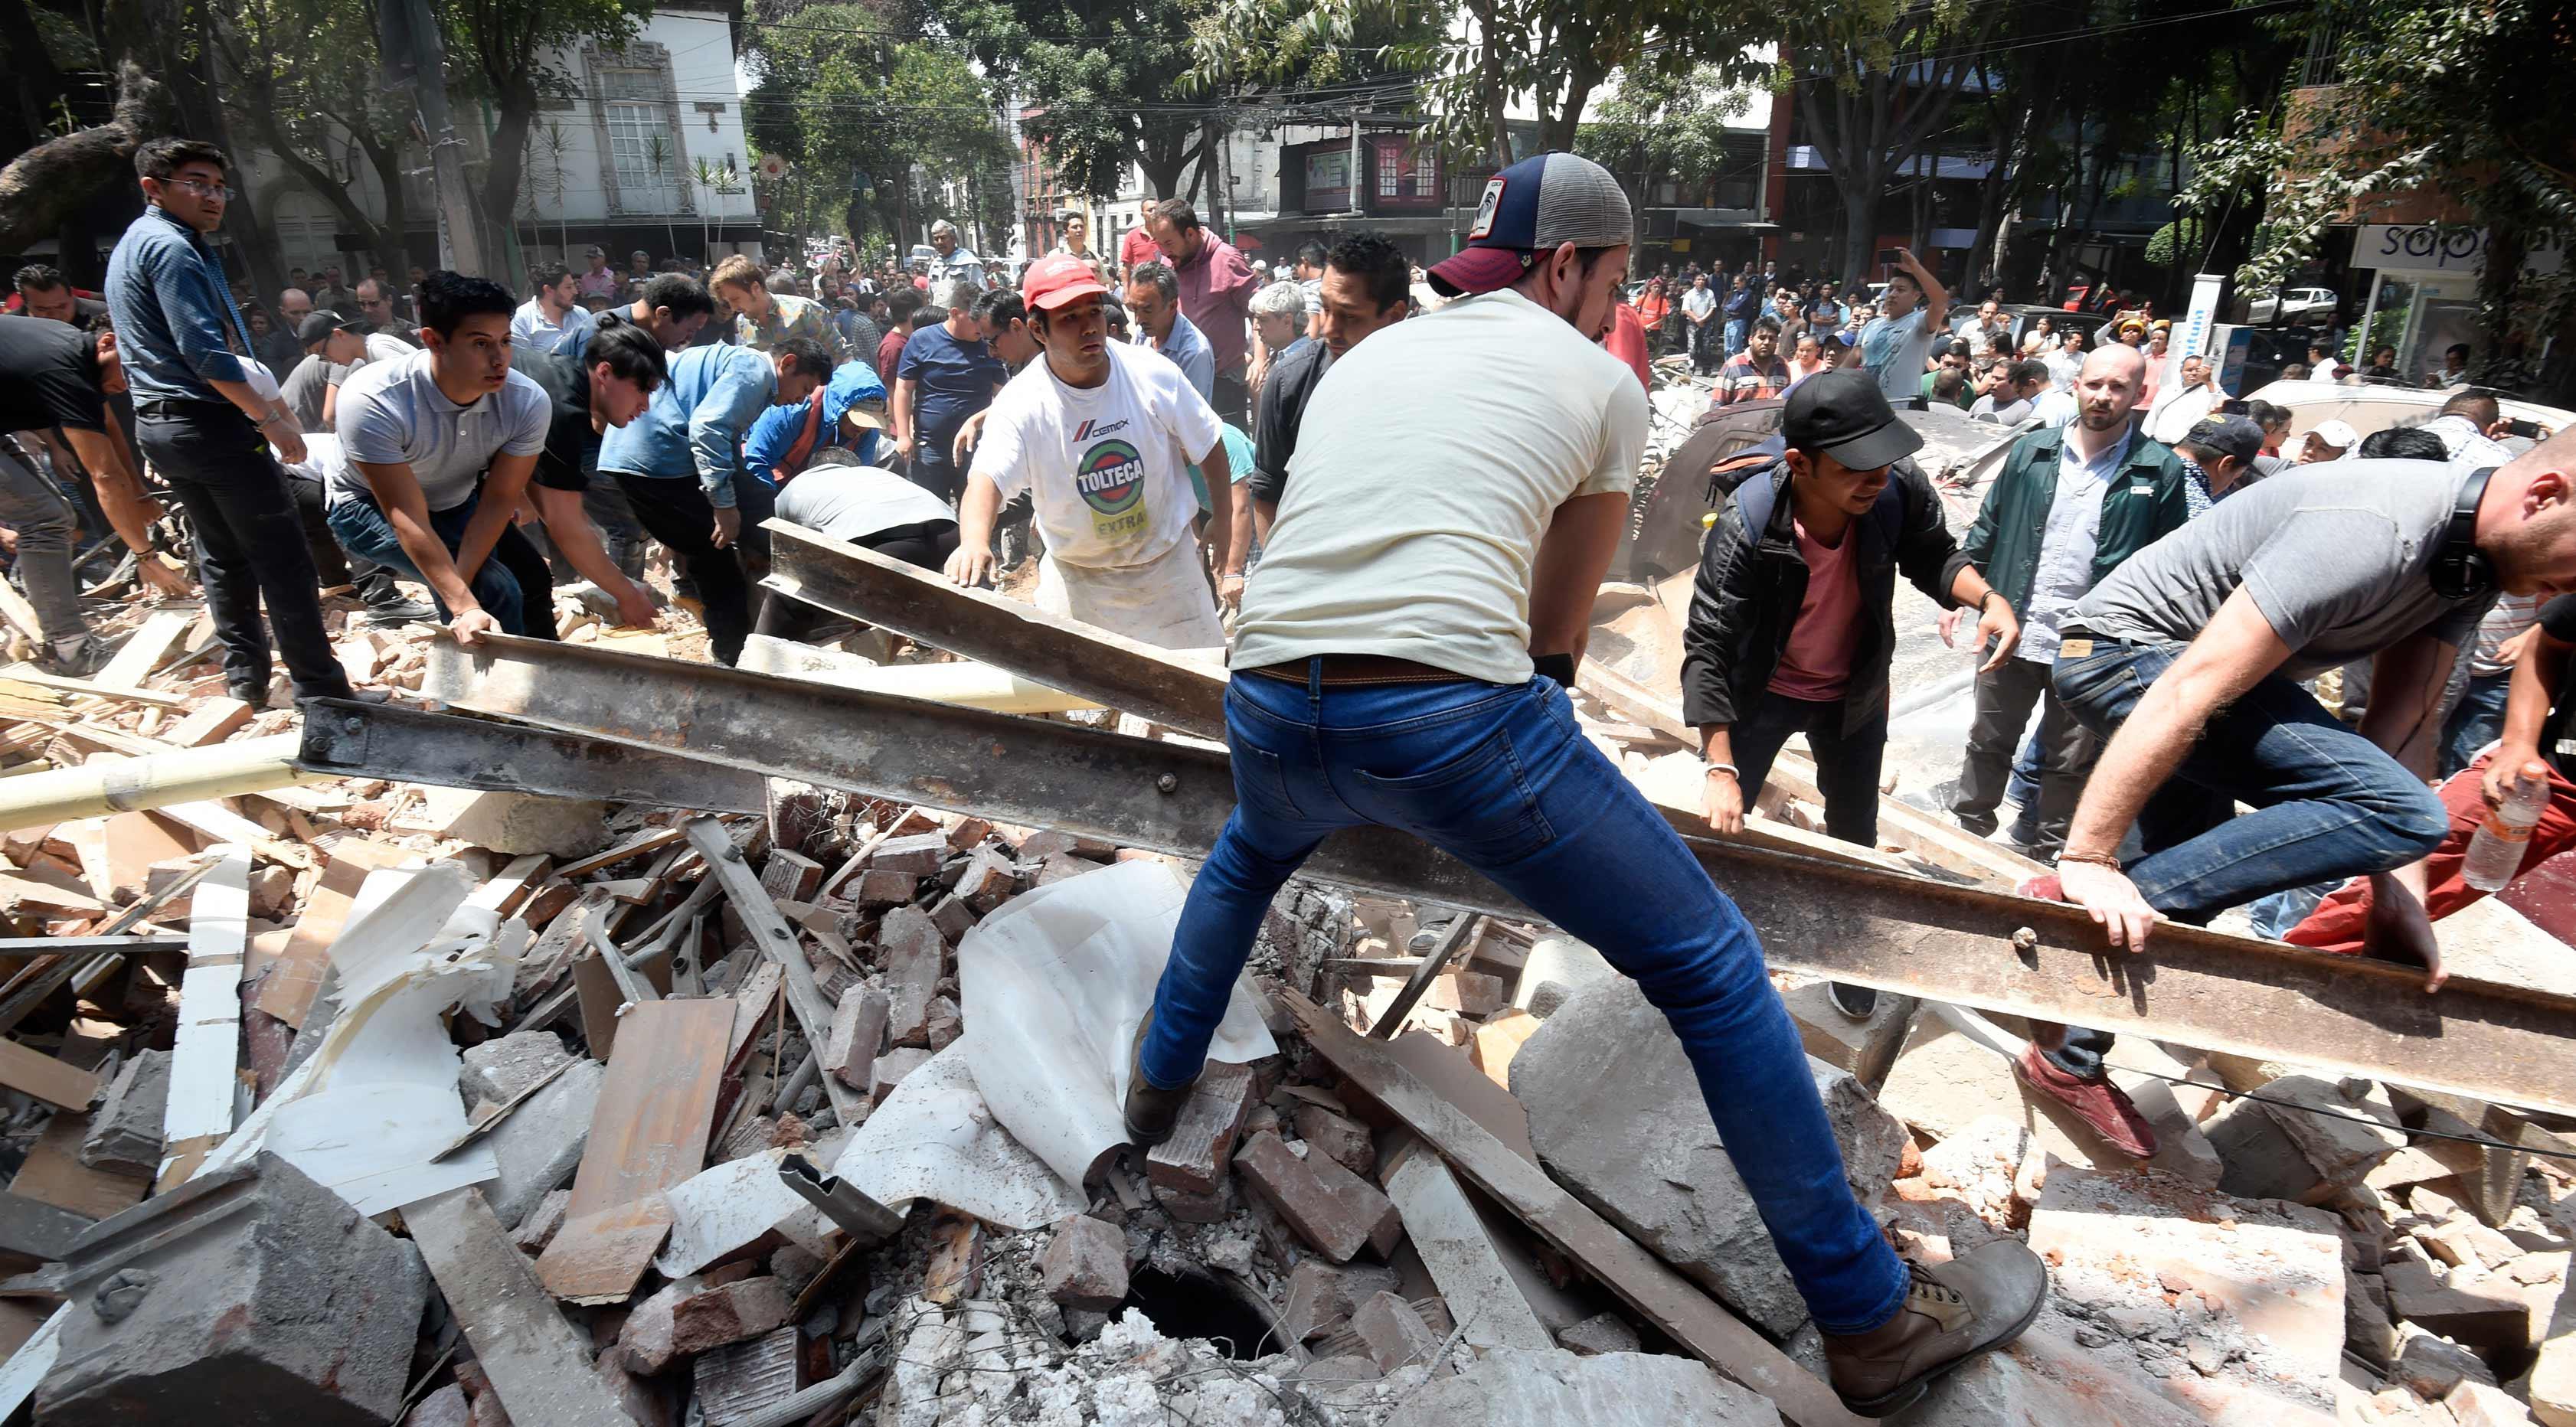 Warga memindahkan puing-puing bangunan untuk mencari korban akibat gempa 7,1 SR di Mexico City, Meksiko (19/9). Sejumlah fasilitas publik seperti bandara, mengalami kerusakan yang signifikan. (AFP Photo/Alfredo Estrella)